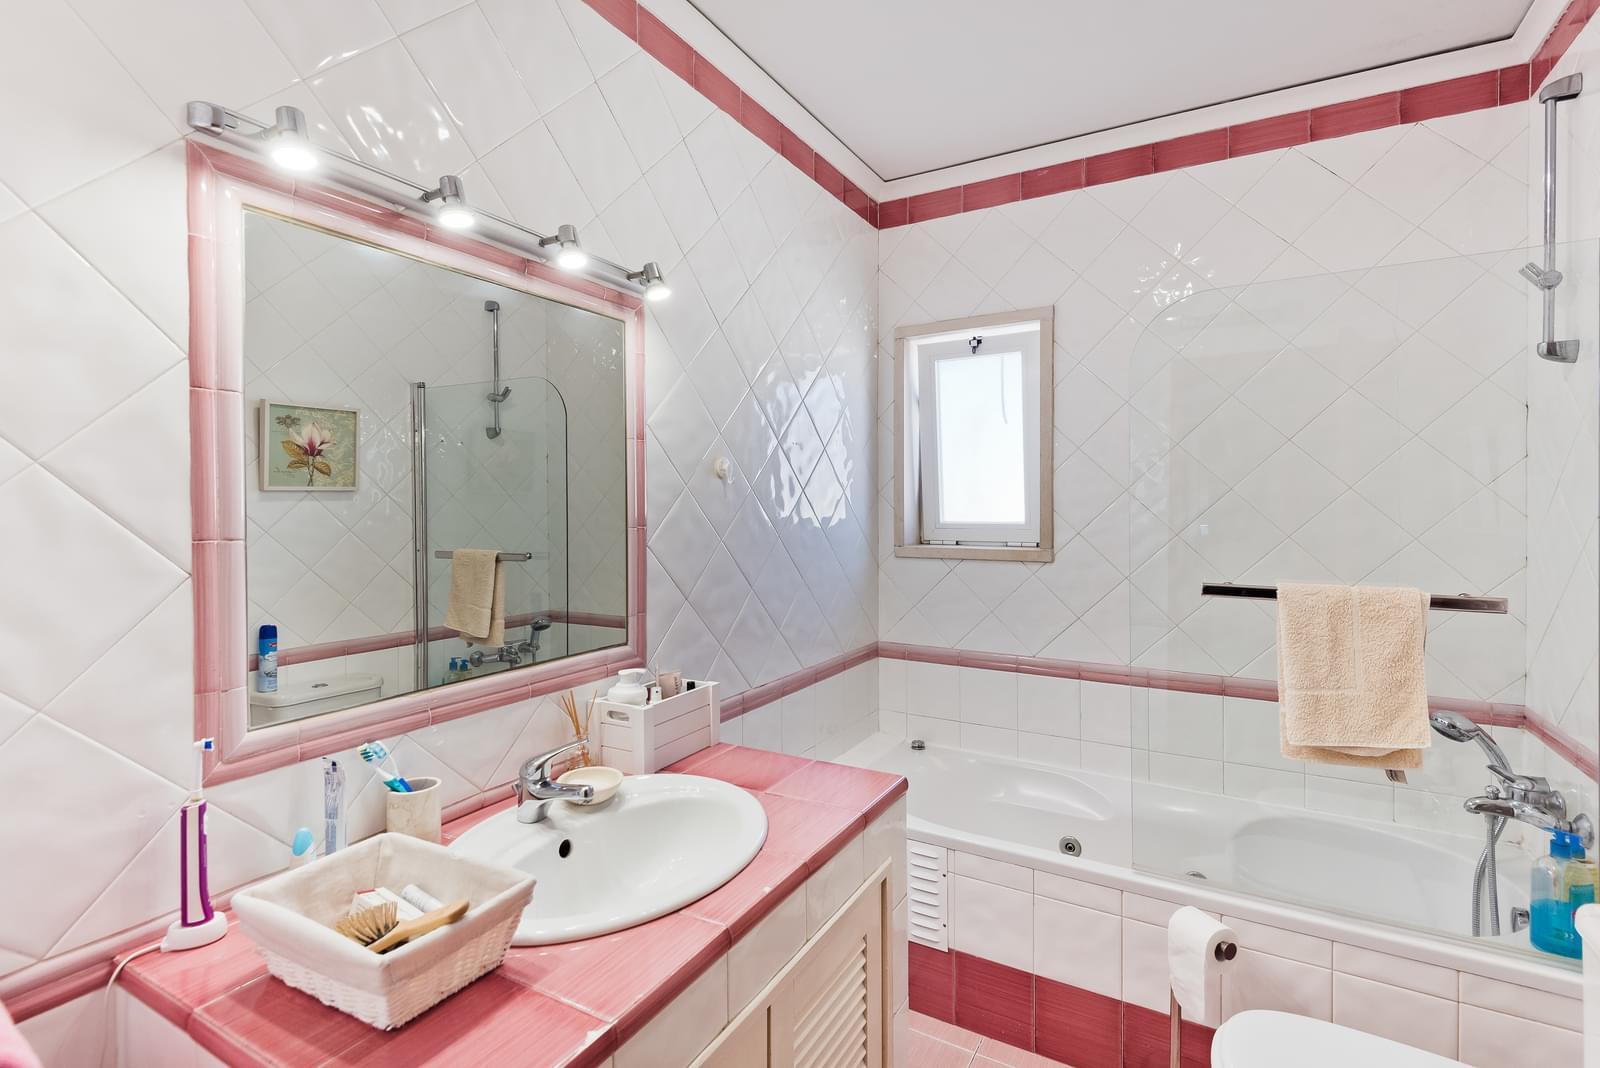 pf18286-apartamento-t2-cascais-06d0a1e2-b250-4903-952a-c208e3bf964d